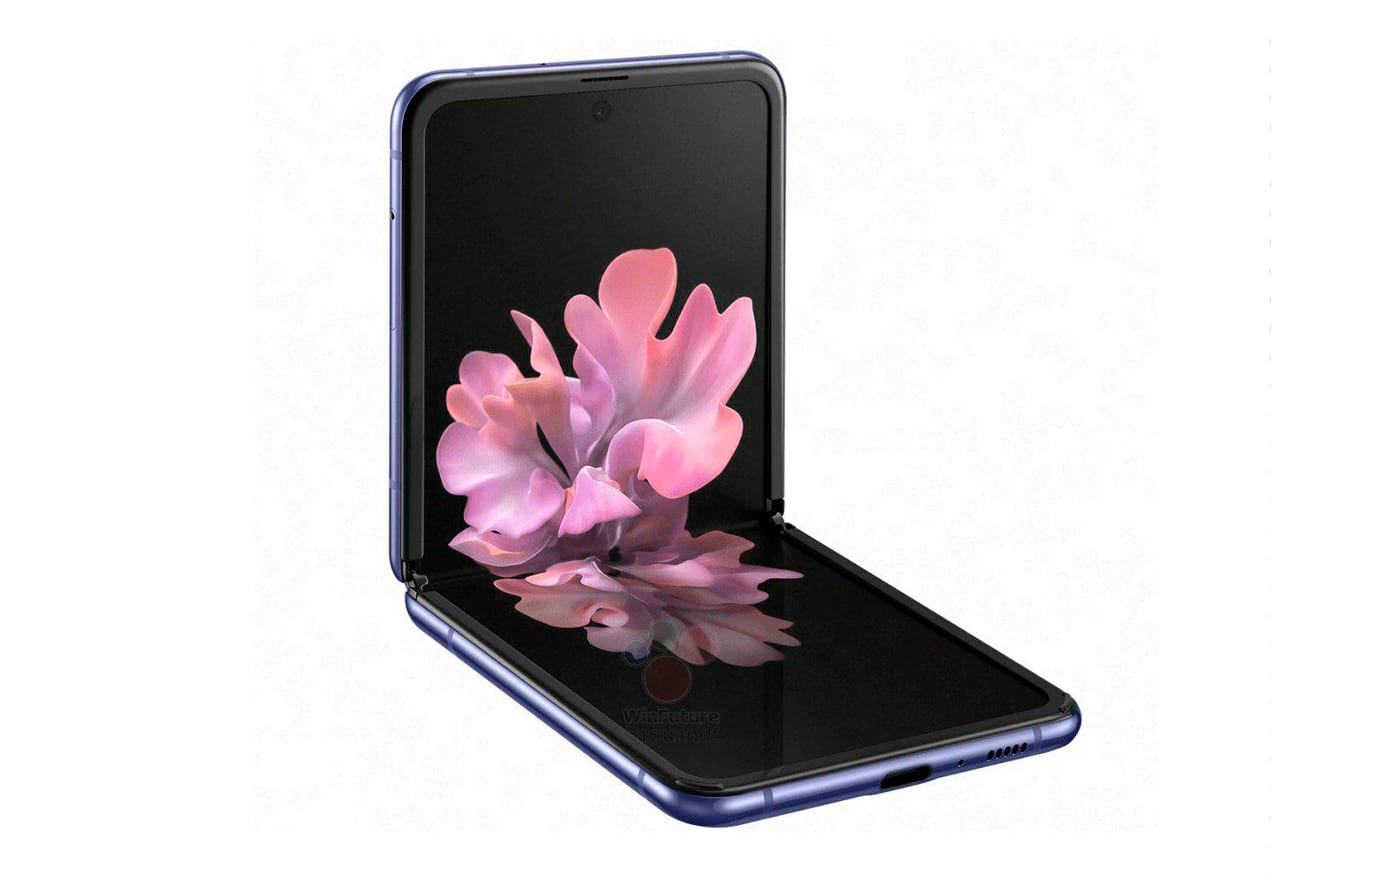 Galaxy Z Flip: Fotos, especificações completas e preço do próximo smartphone dobrável da Samsung